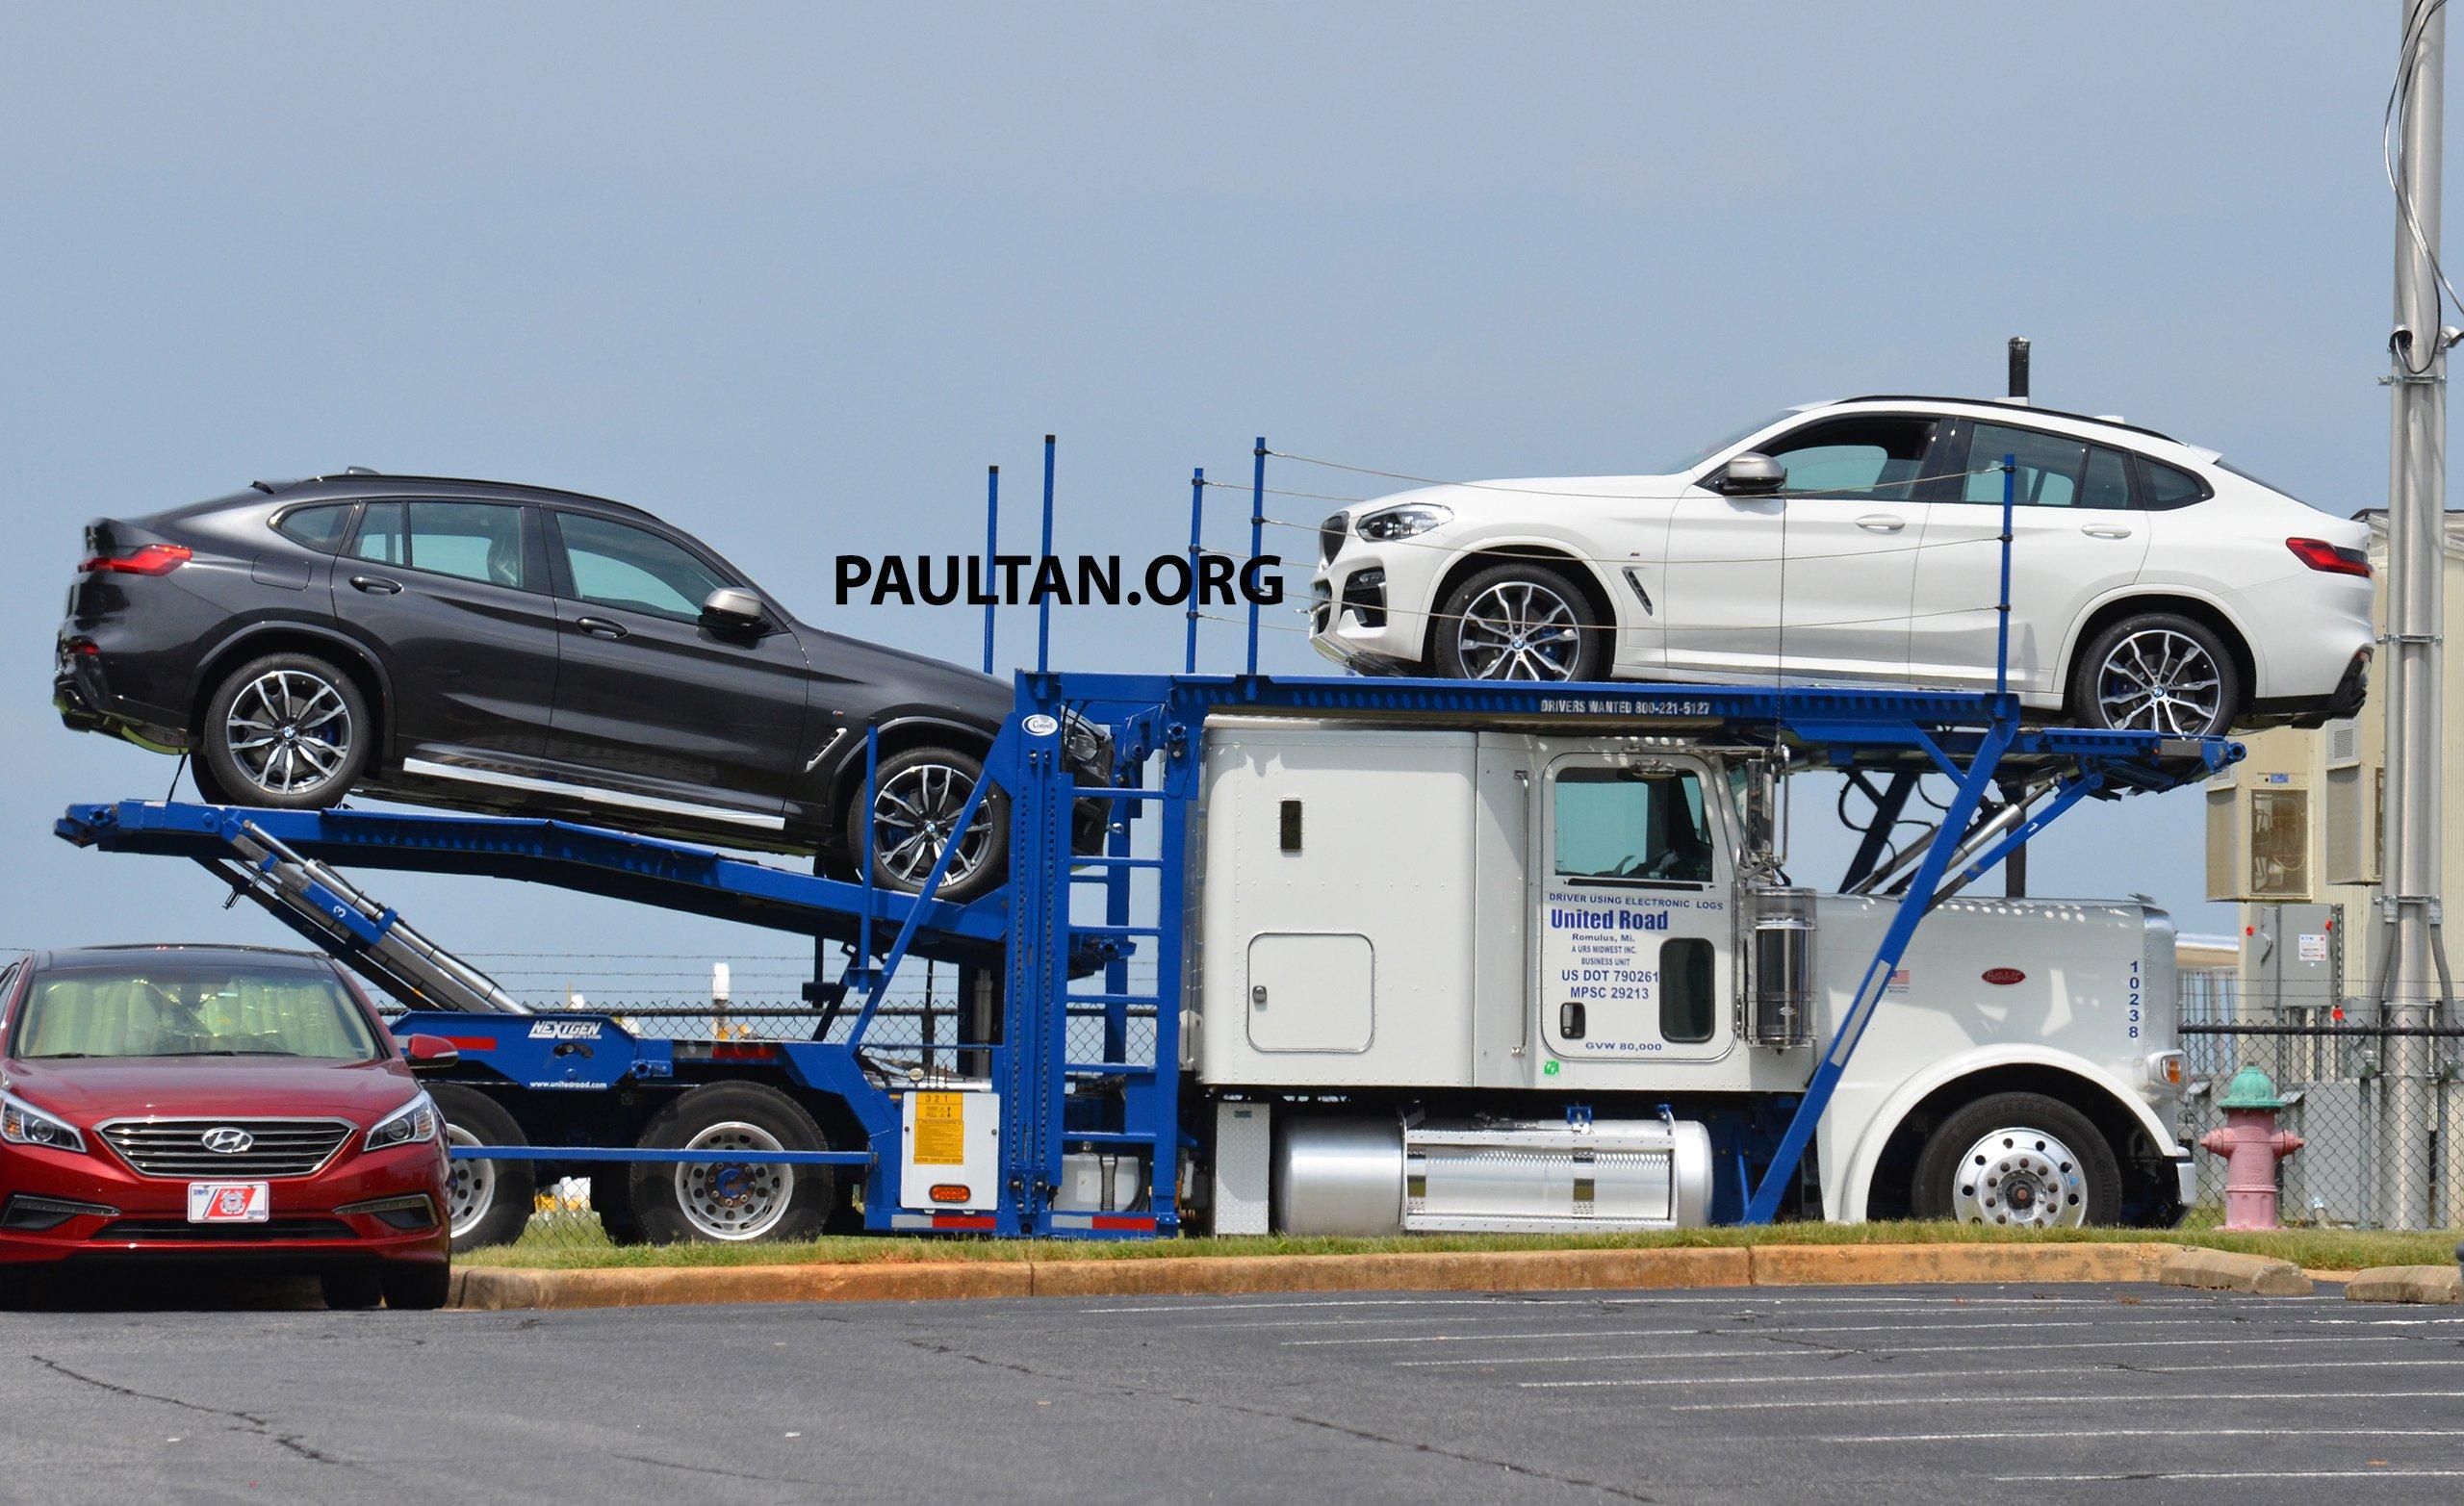 BMW-X4-No-Camo-Spyshots-05.jpg